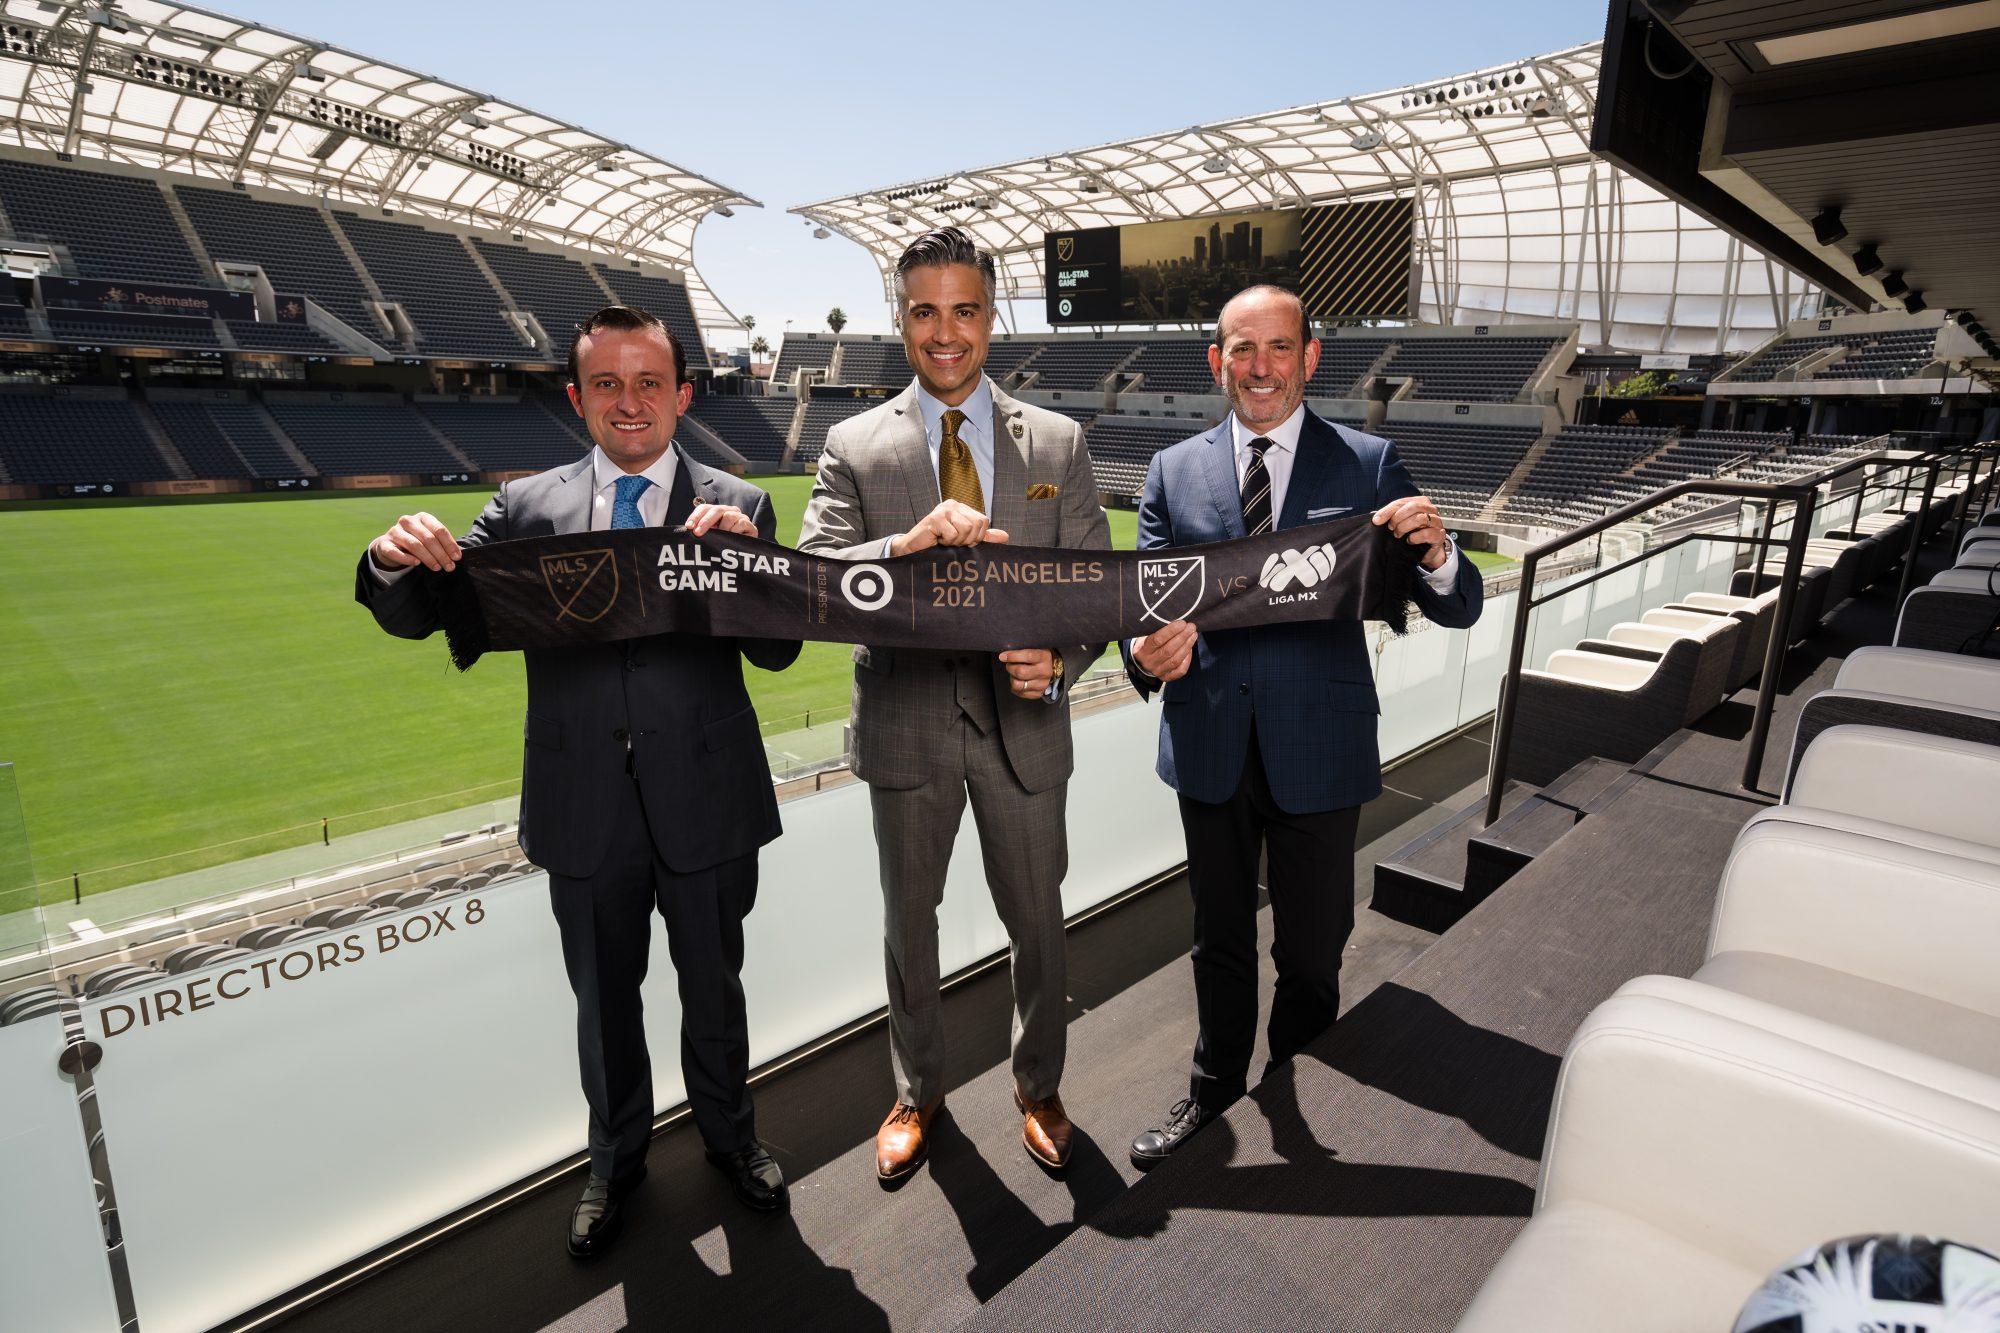 (L-R) Liga MX Executive President, Mikel Arriola; Actor, Jamie Camil; MLS Commissioner, Don Garber V2